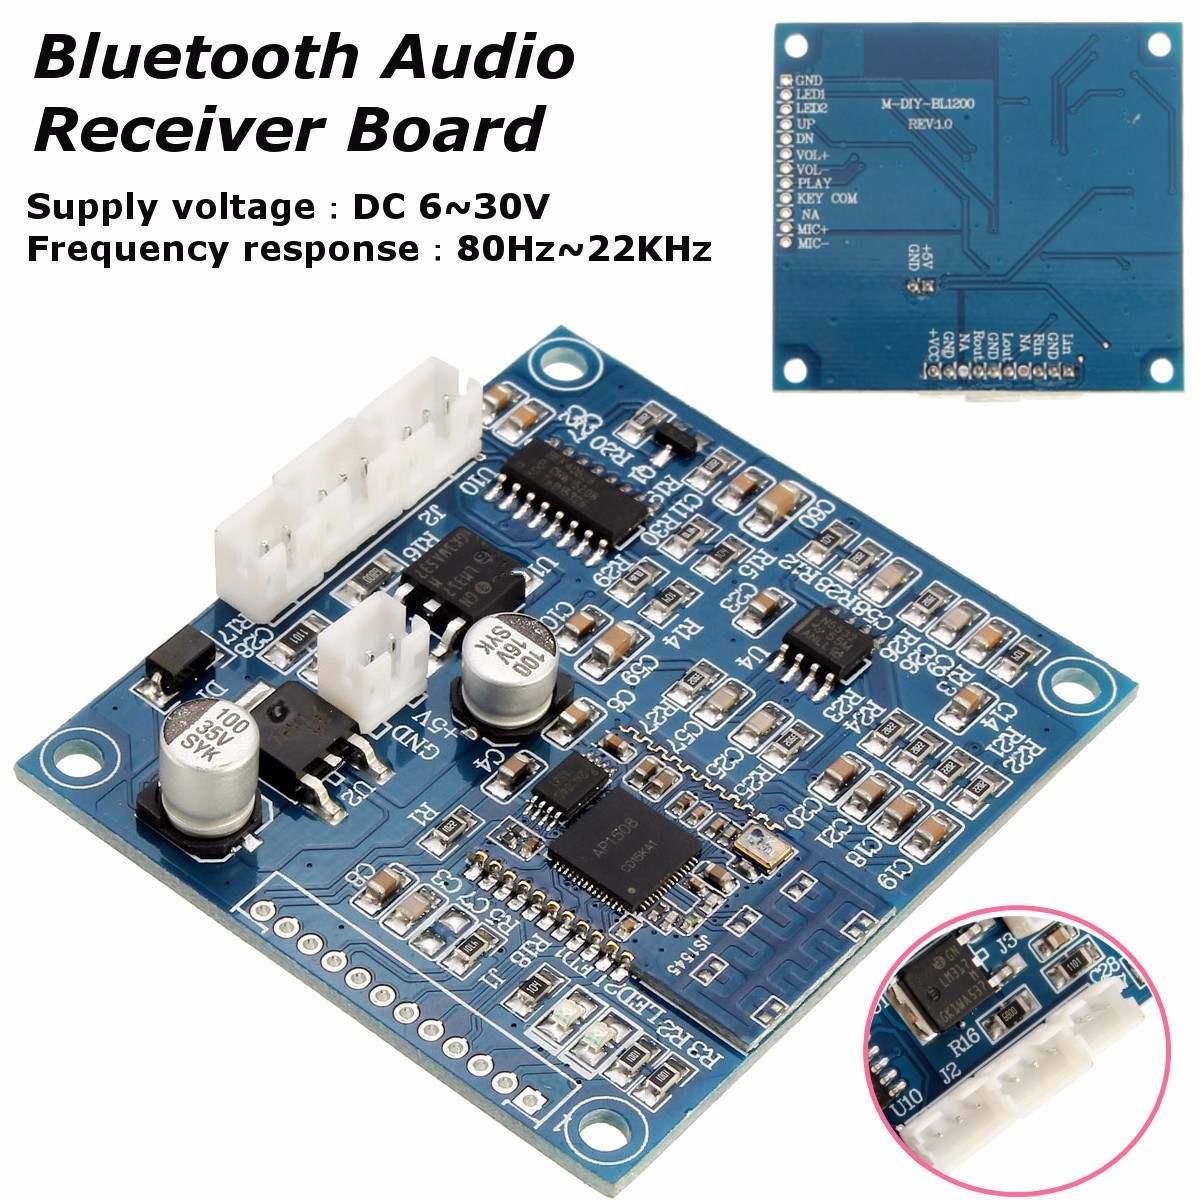 Nueva llegada Bluetooth 4.0 audio receptor inalámbrico Módulo de sonido estéreo para el teléfono del coche PC Componentes acústicos